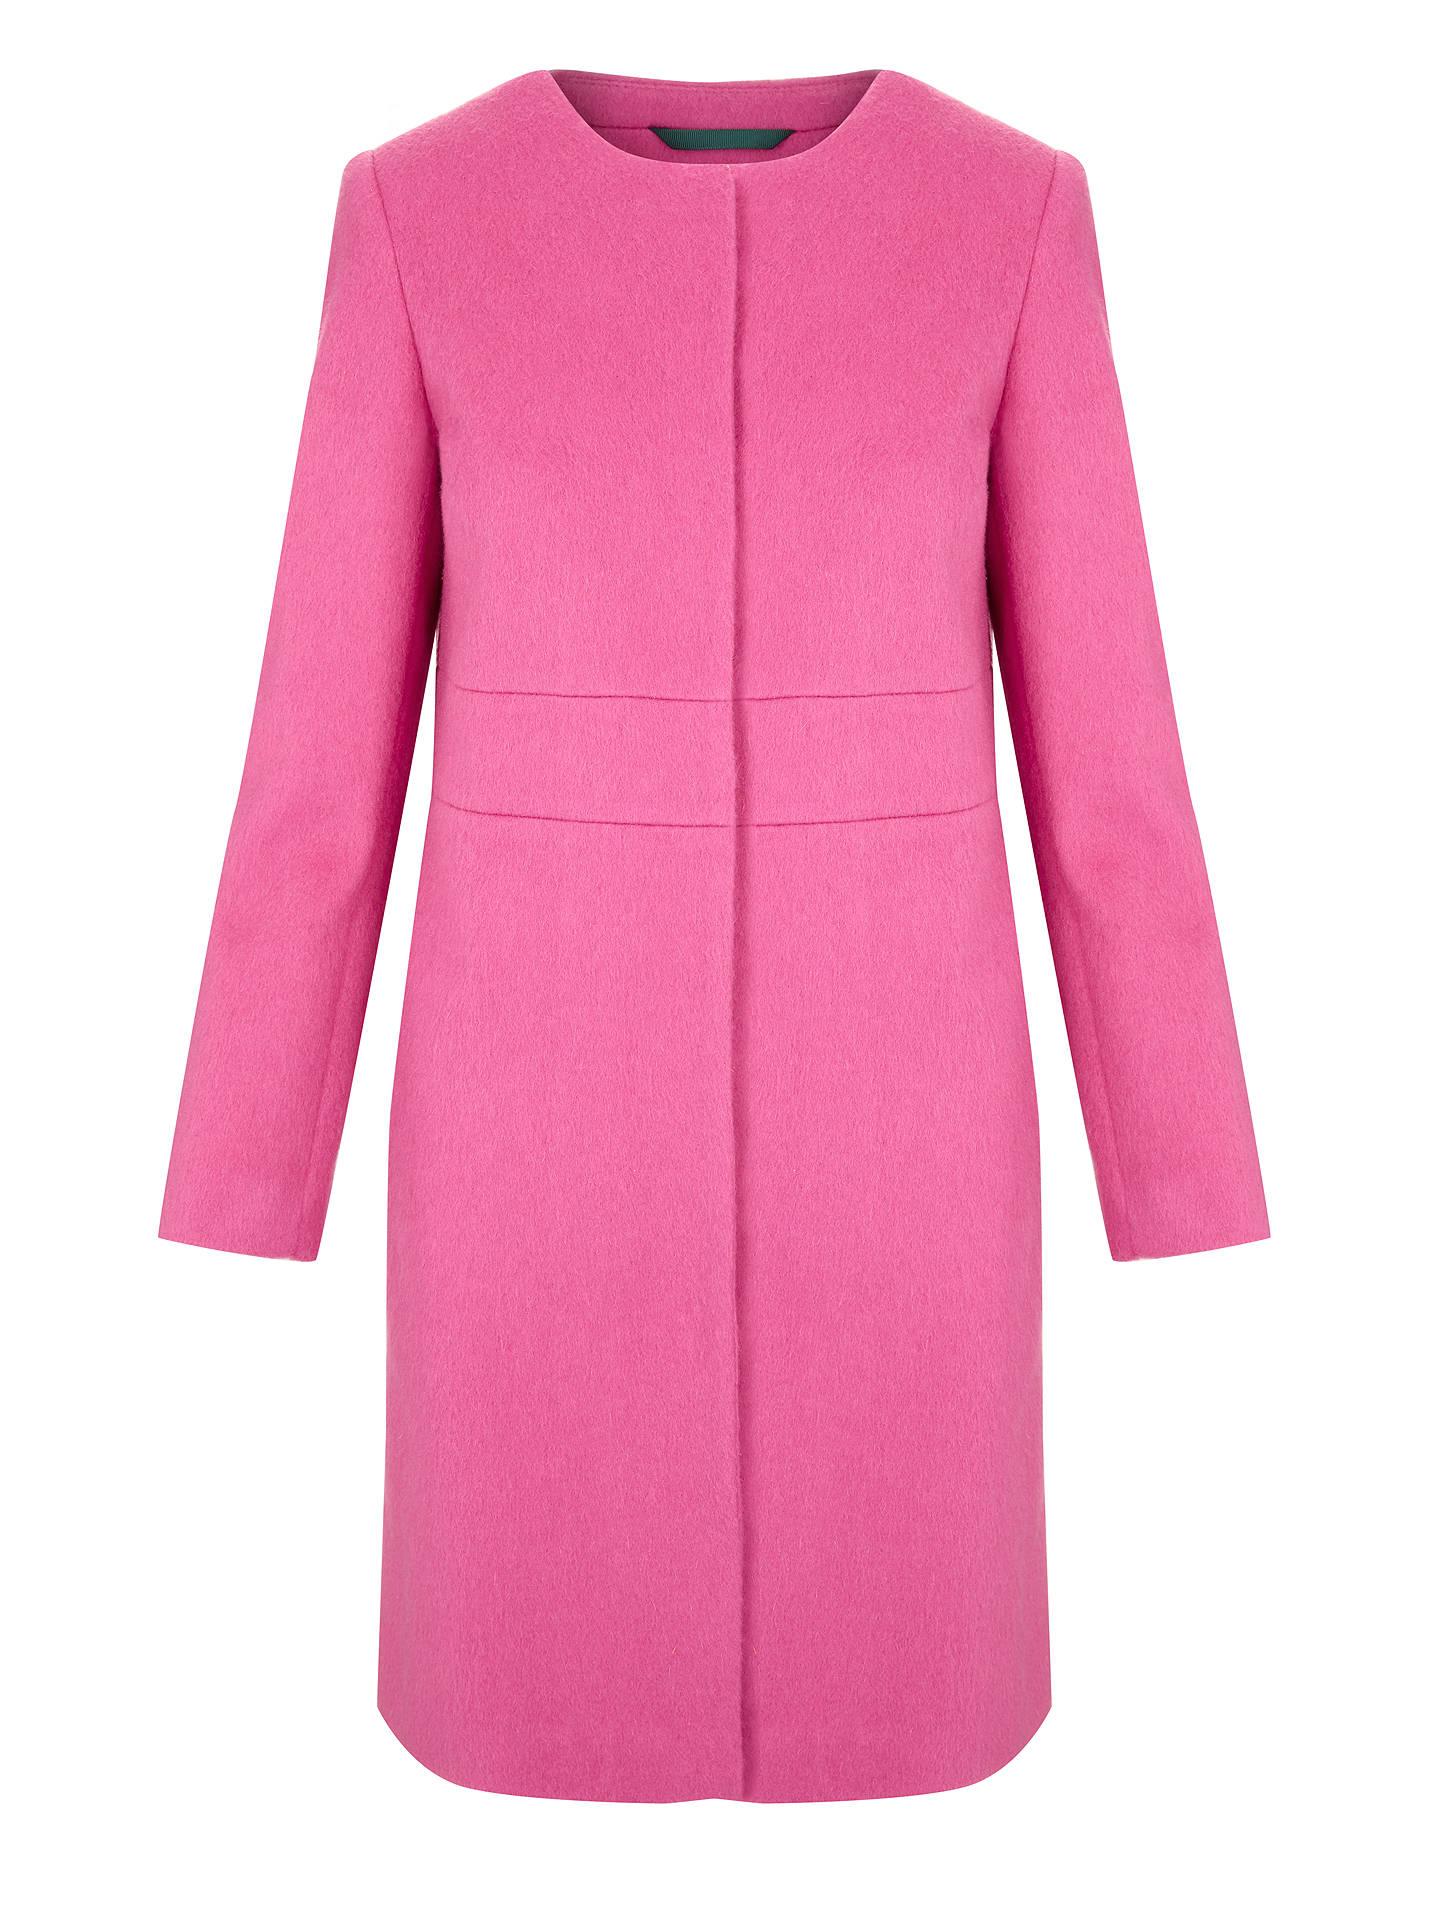 7f26905c78f4 ... Buy Boden Imelda Coat, Party Pink, 8 Online at johnlewis.com ...